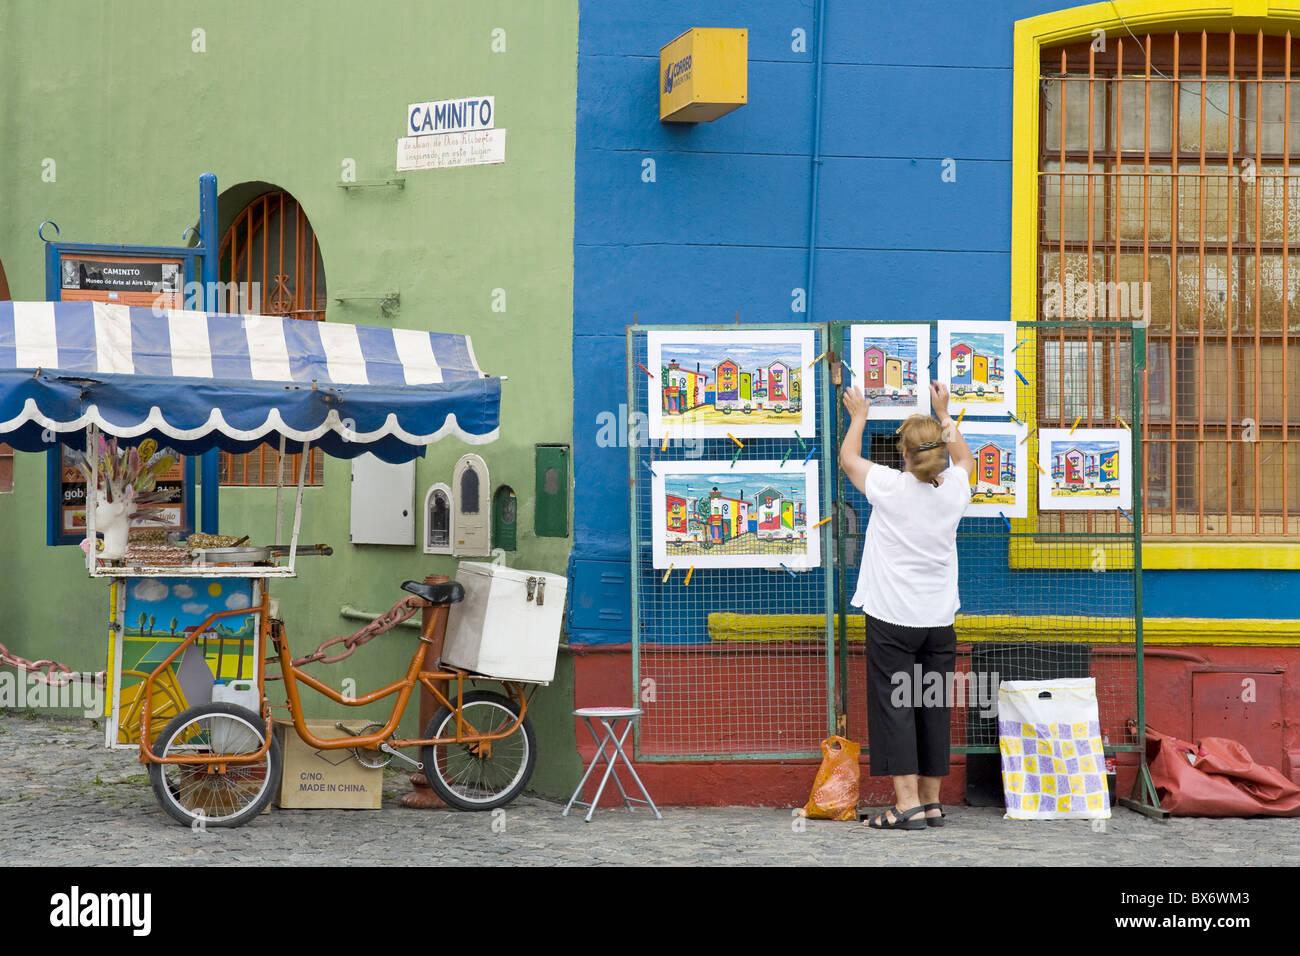 Vendeur sur El Caminito Street dans le quartier de La Boca de Buenos Aires, Argentine, Amérique du Sud Photo Stock